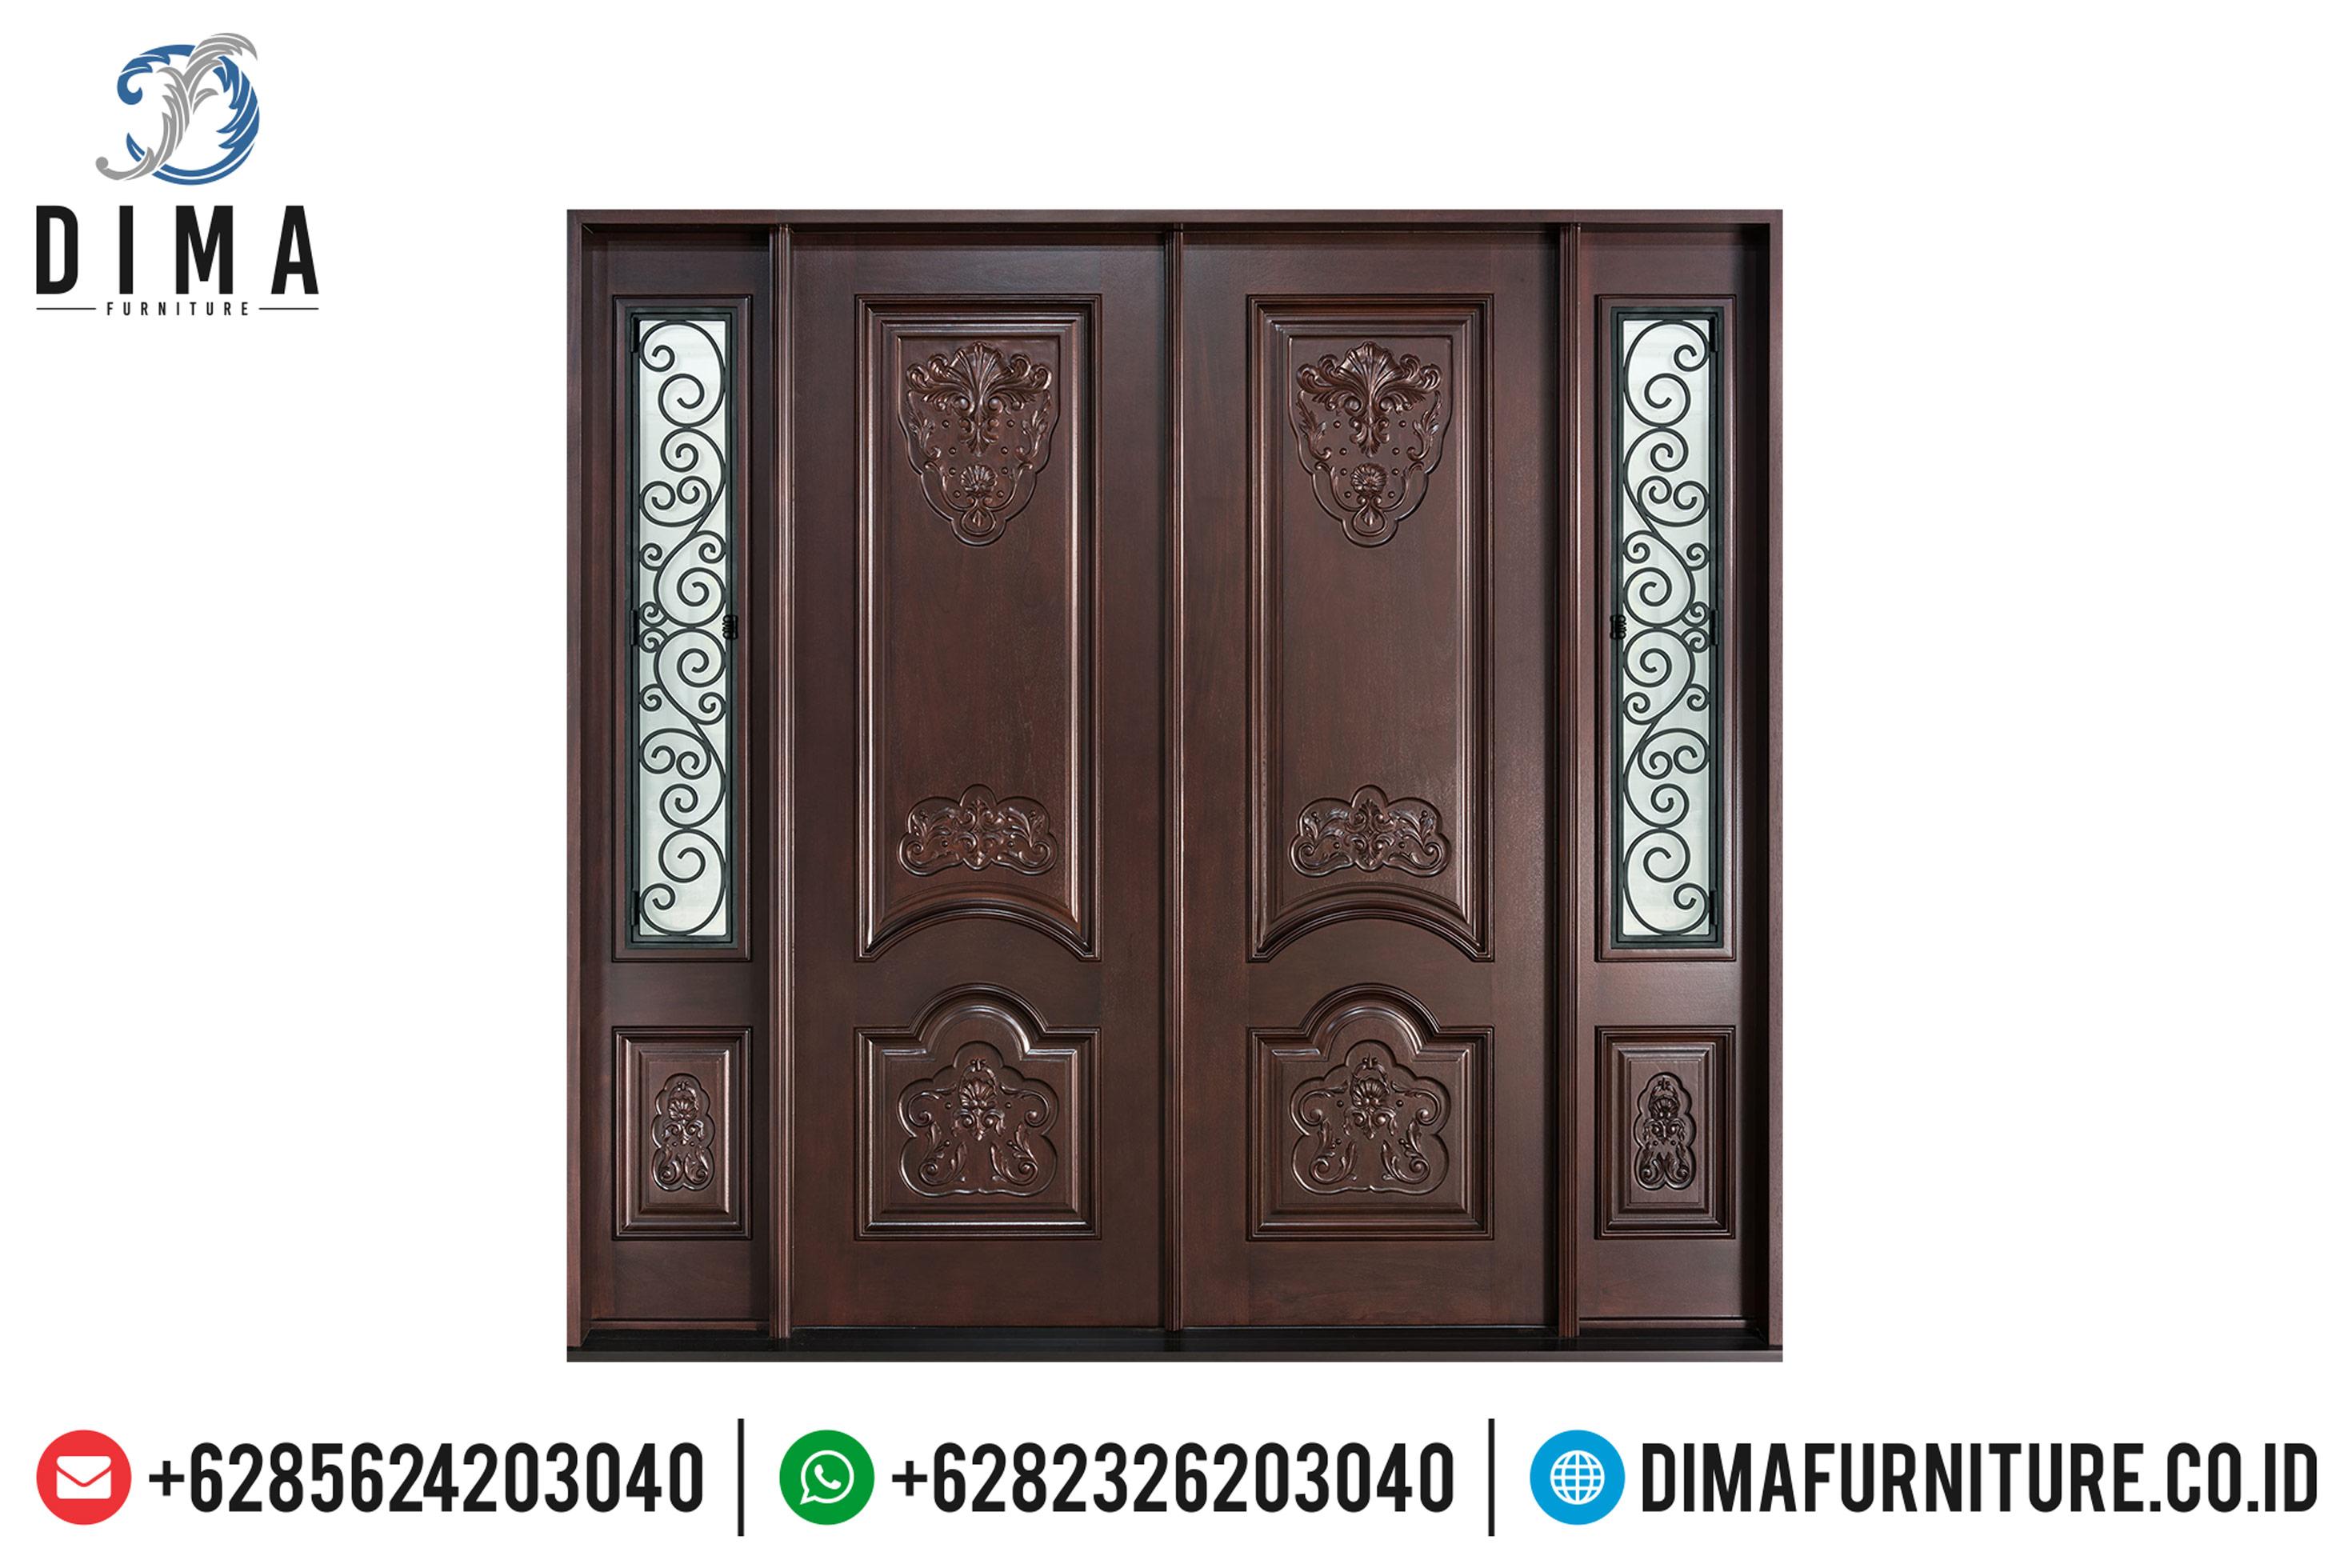 Jual Pintu Rumah Mewah, Pintu Jati Jepara Terbaru, Kusen Pintu Jati Jepara DF-0826